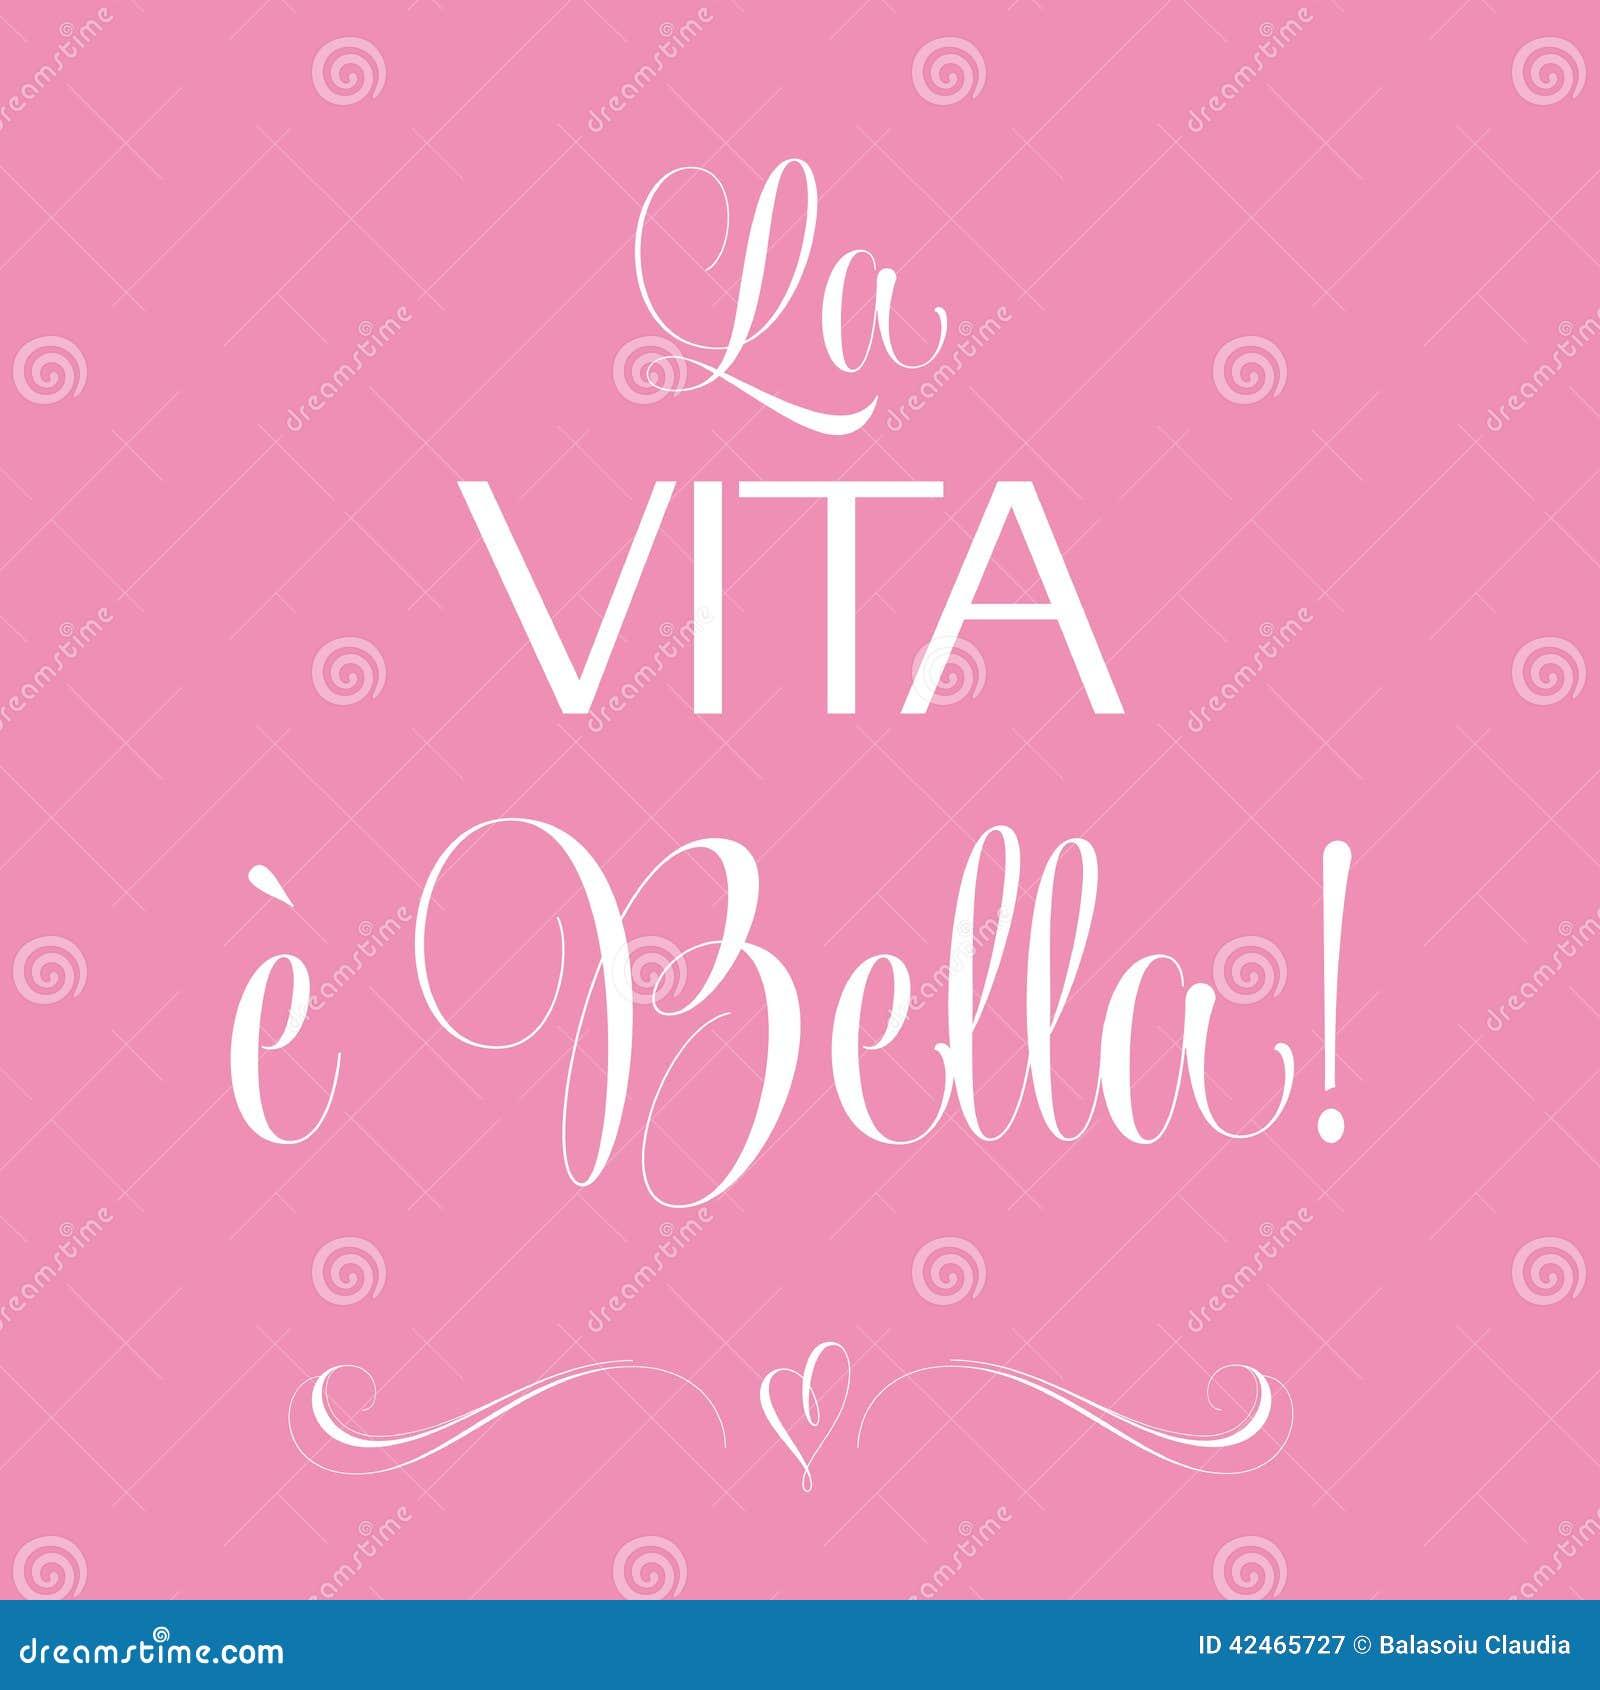 La vita e bella, zitieren typografischen Hintergrund